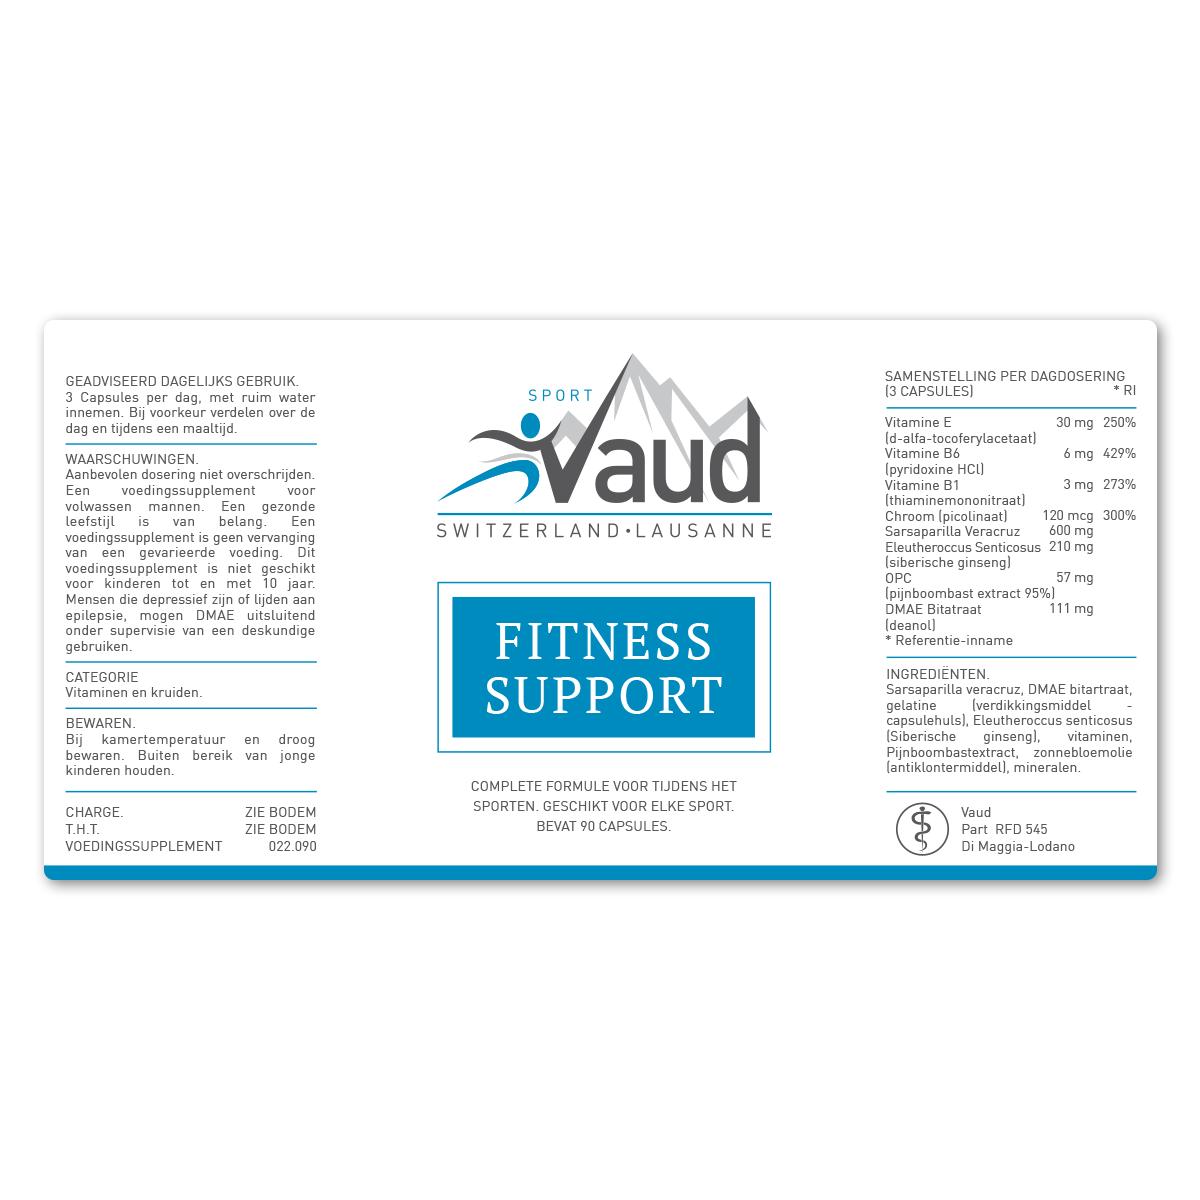 fitness-support-vaud